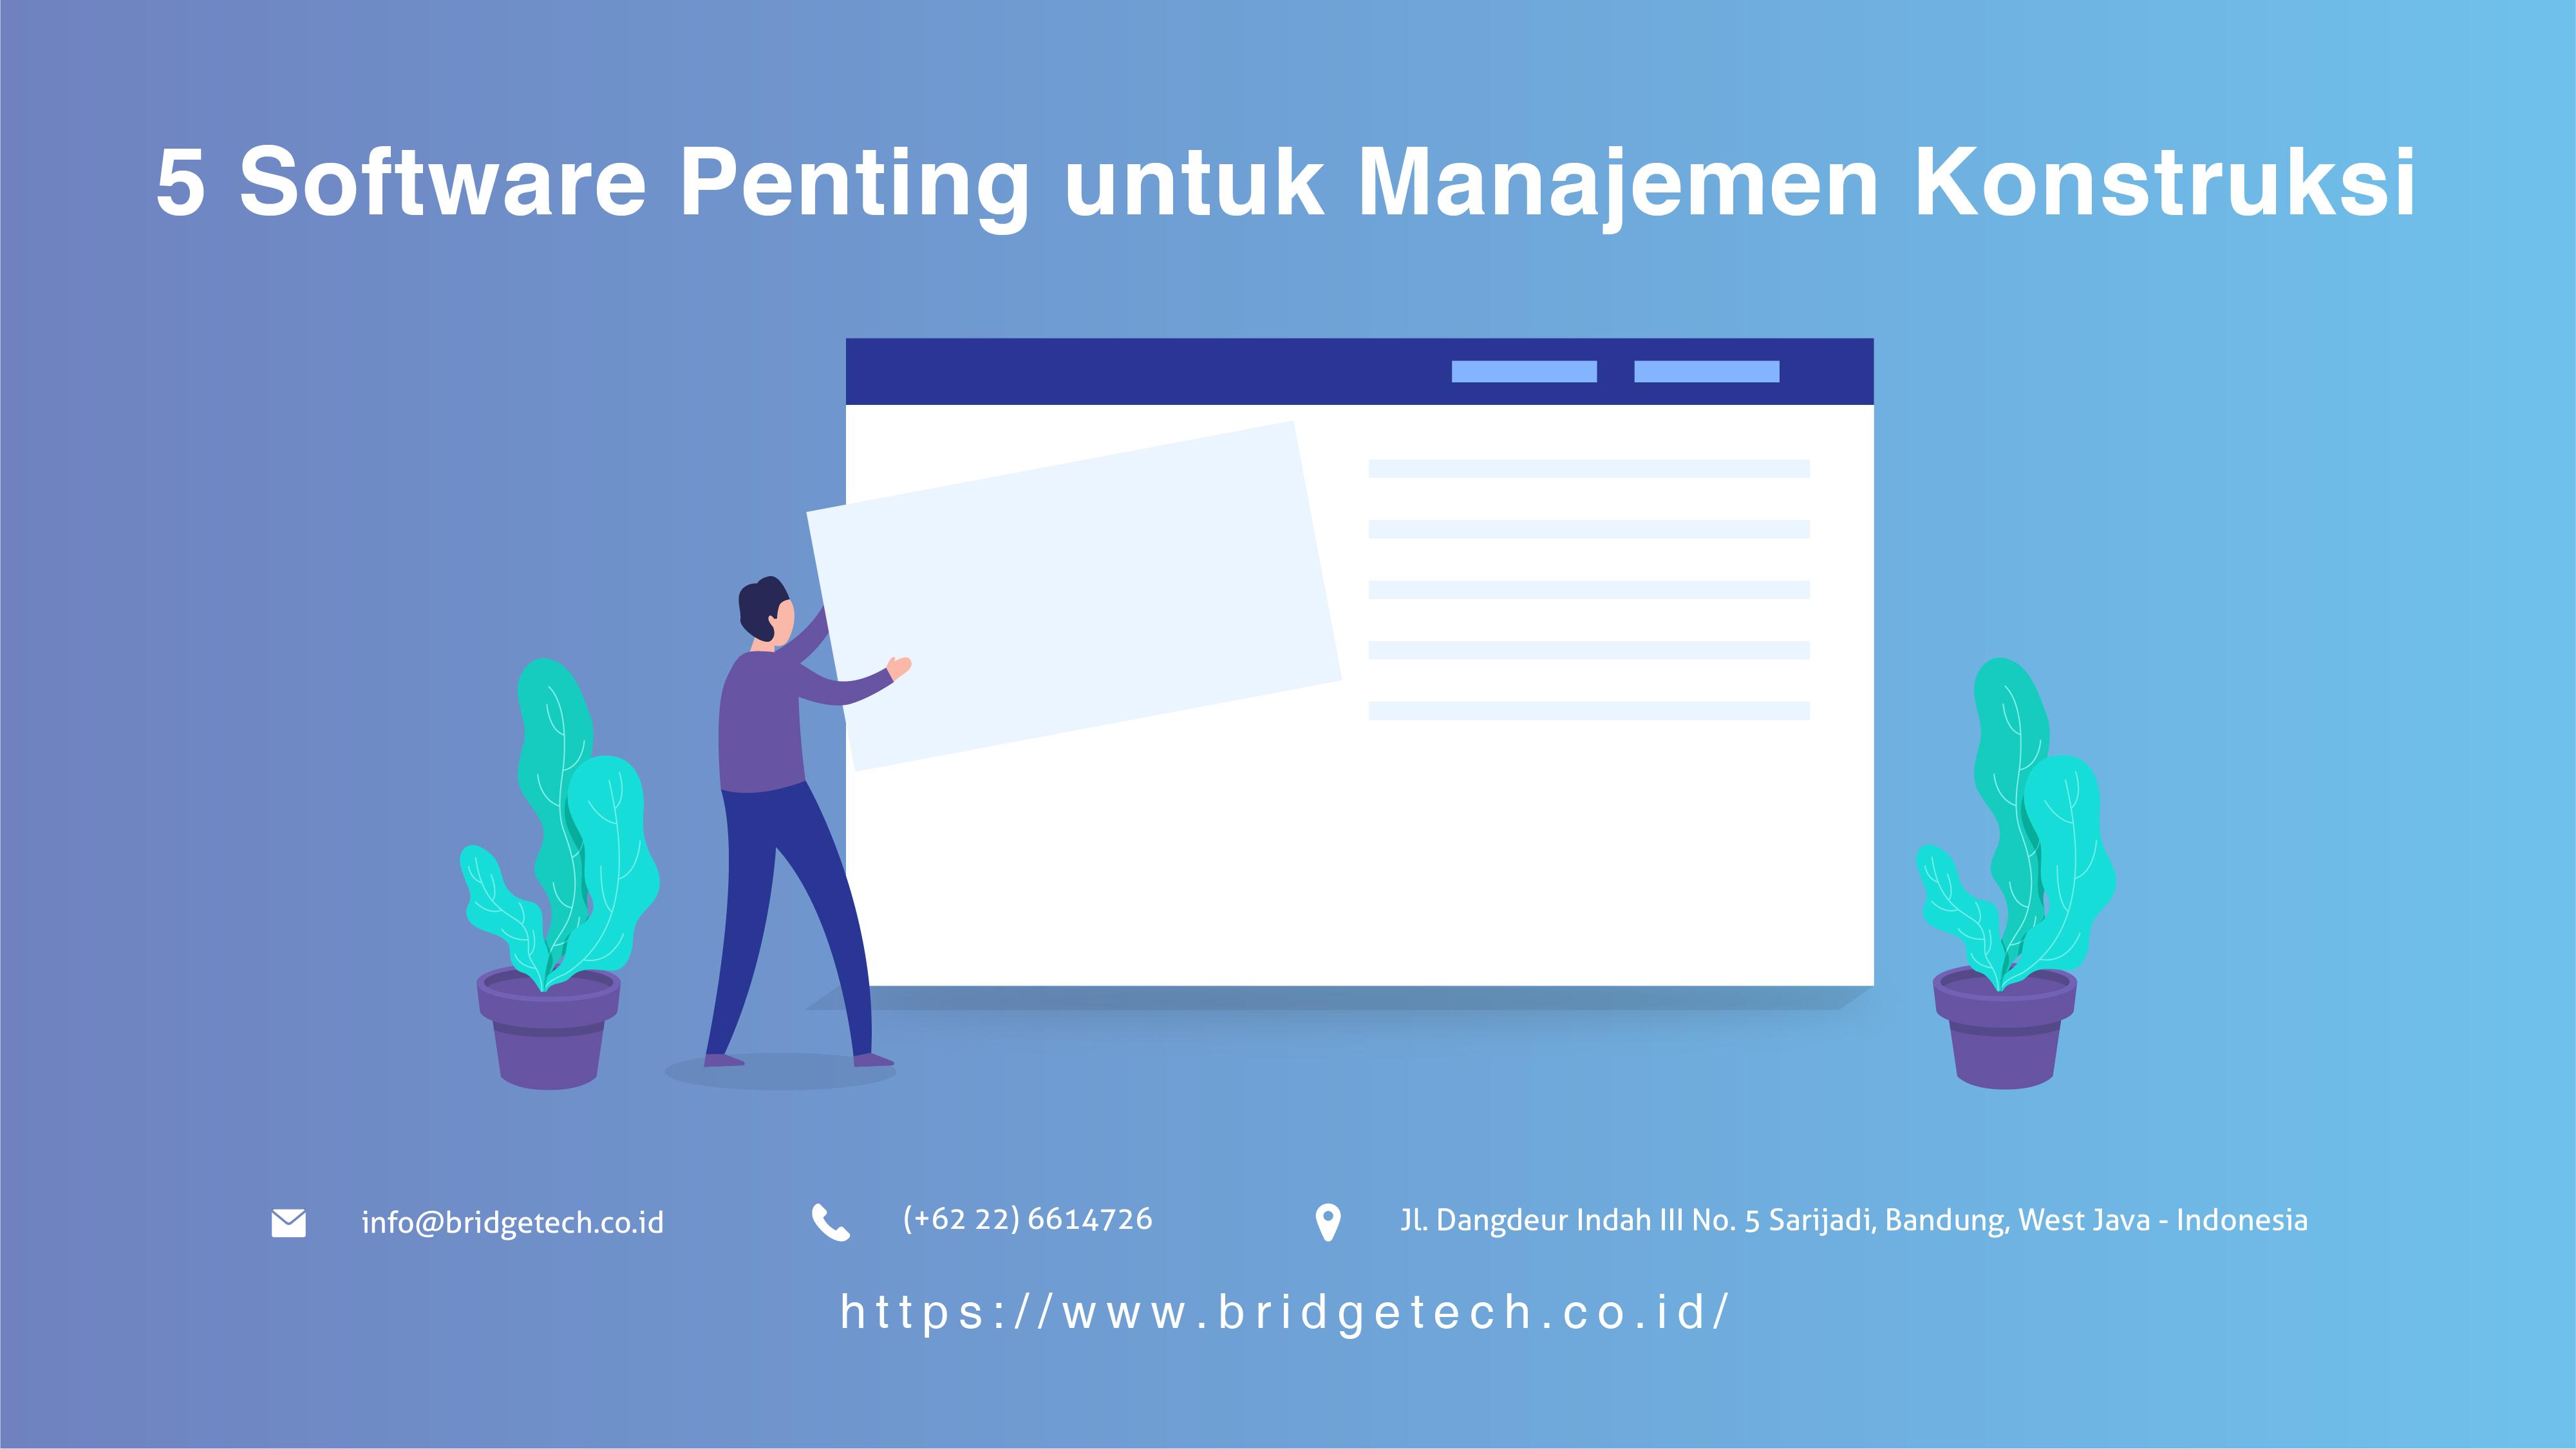 5 Software penting untuk manajemen konstruksi